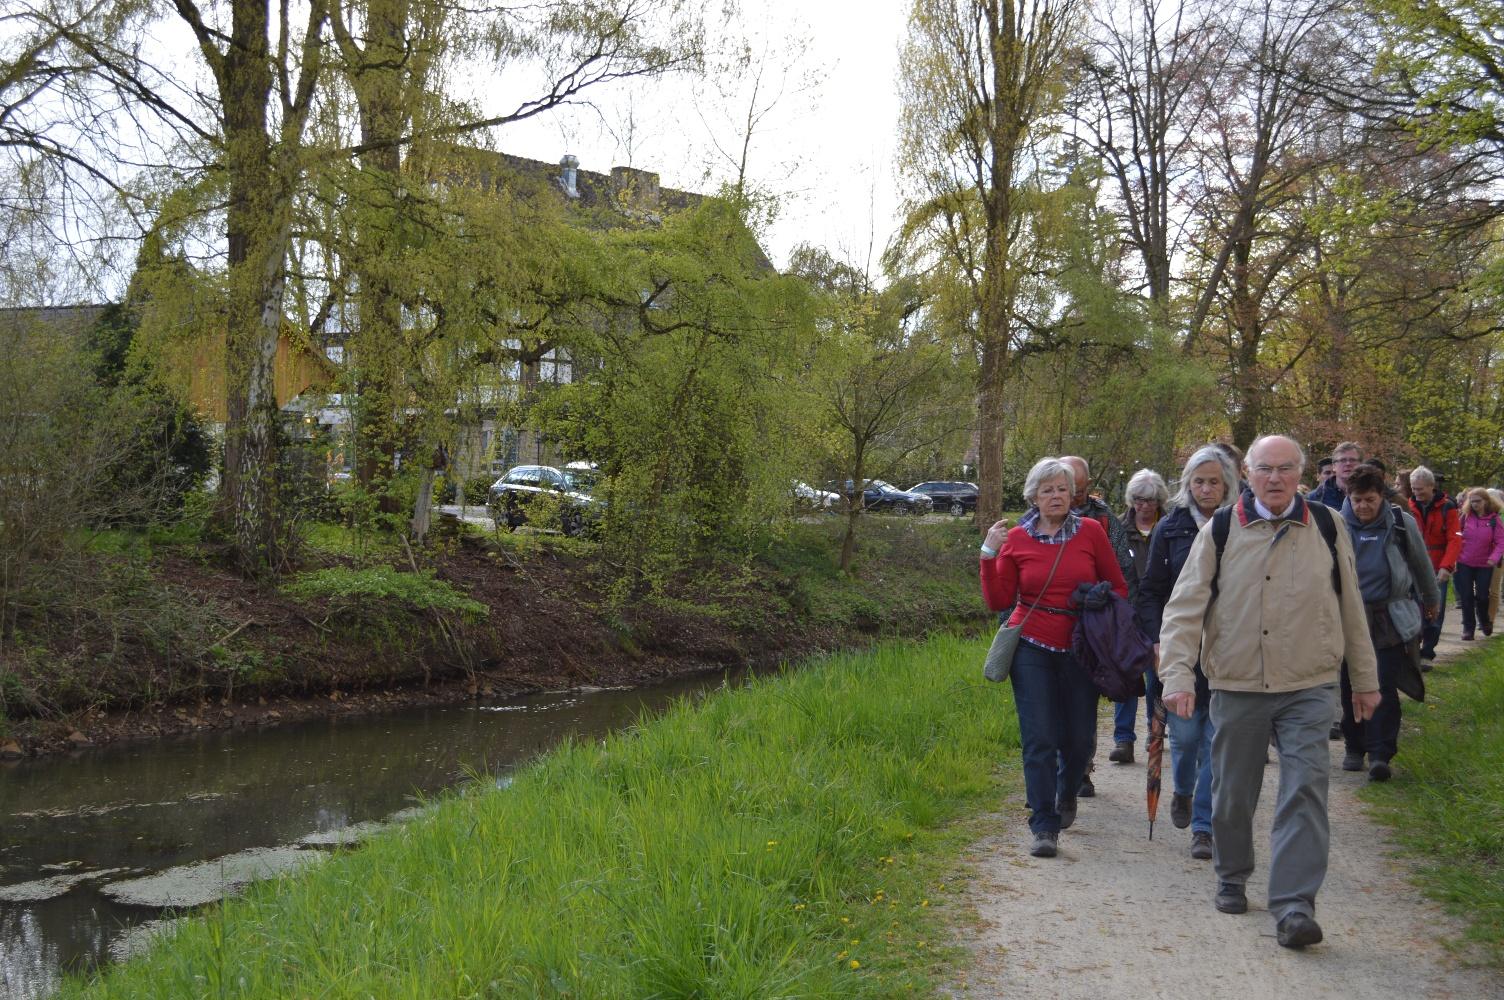 Wandern auf dem Hermannsweg im Bereich Bevergern